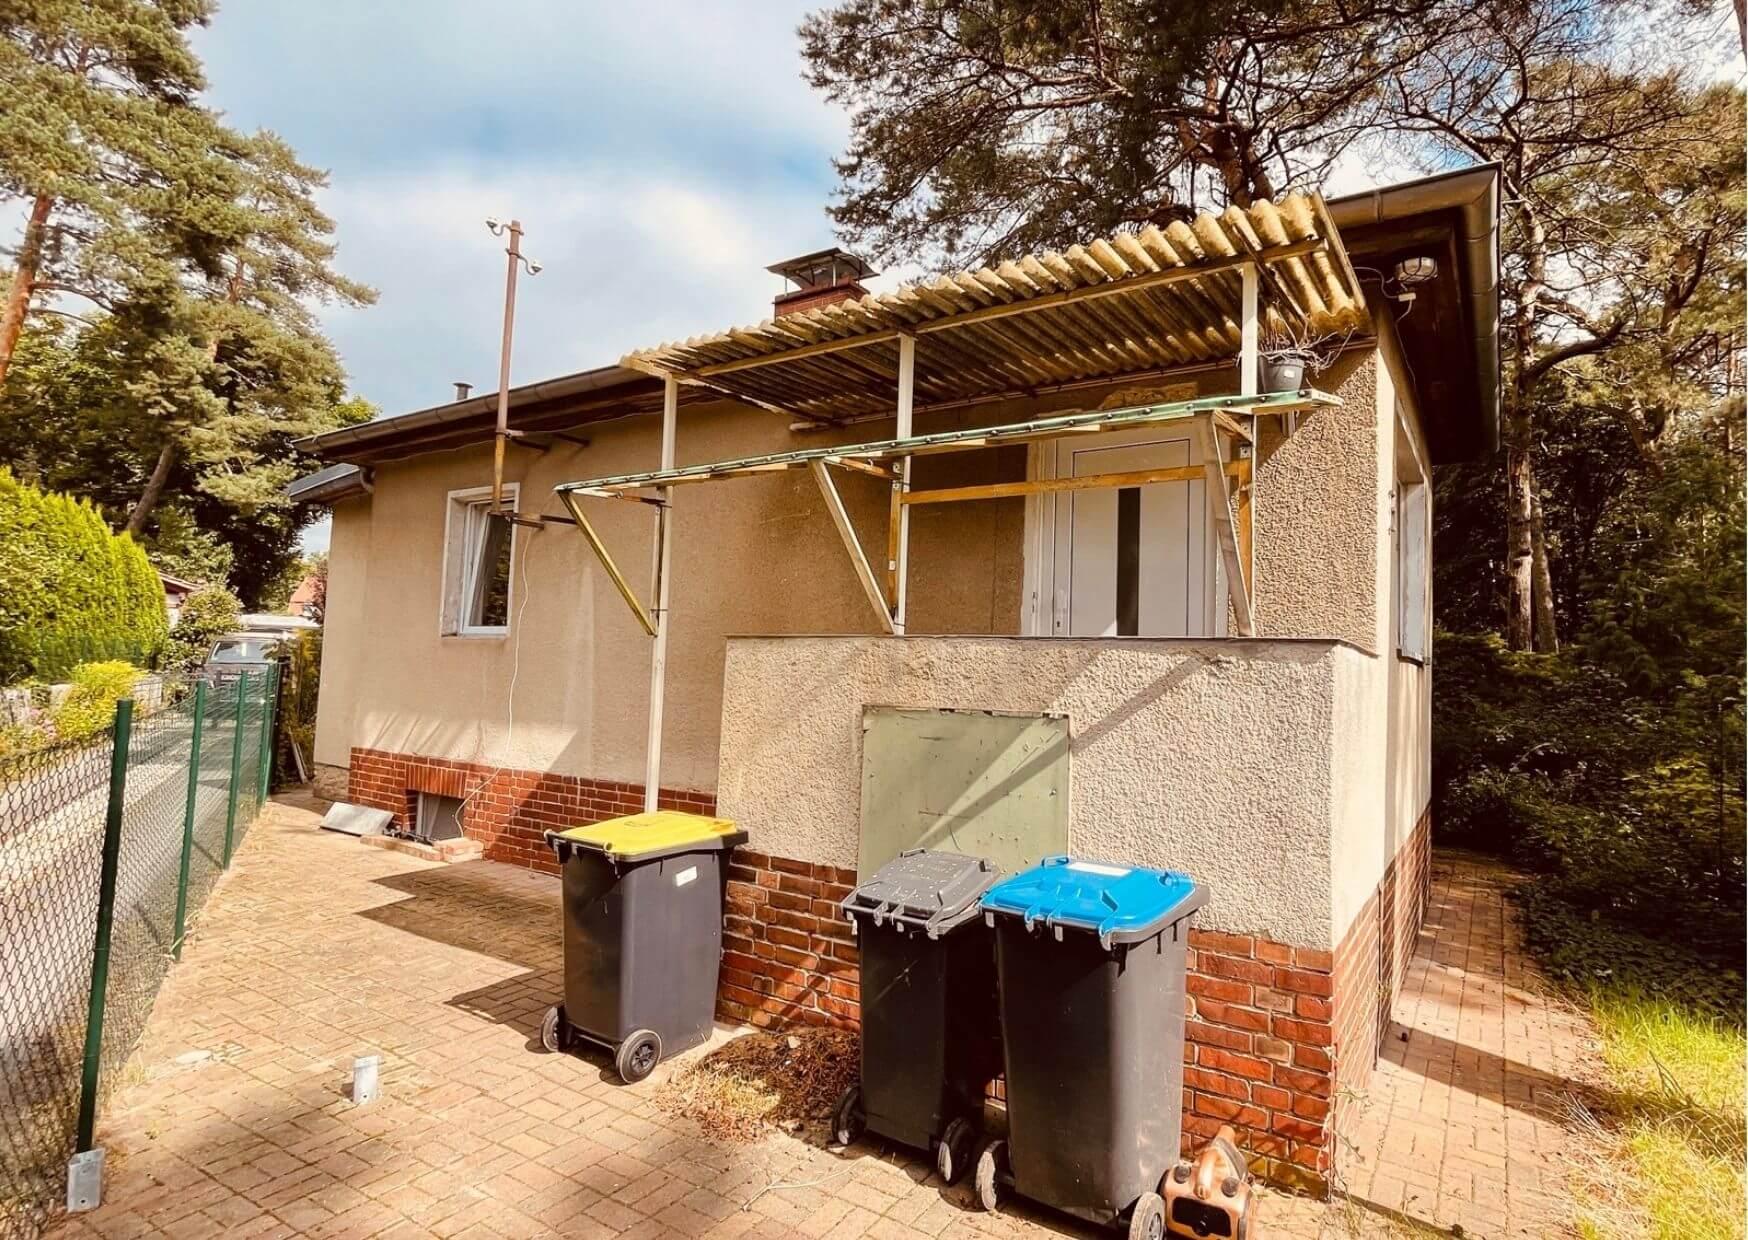 Einfamilienhaus kaufen als sanierungsbedürftige Immobilie in Schildow in Brandenburg.